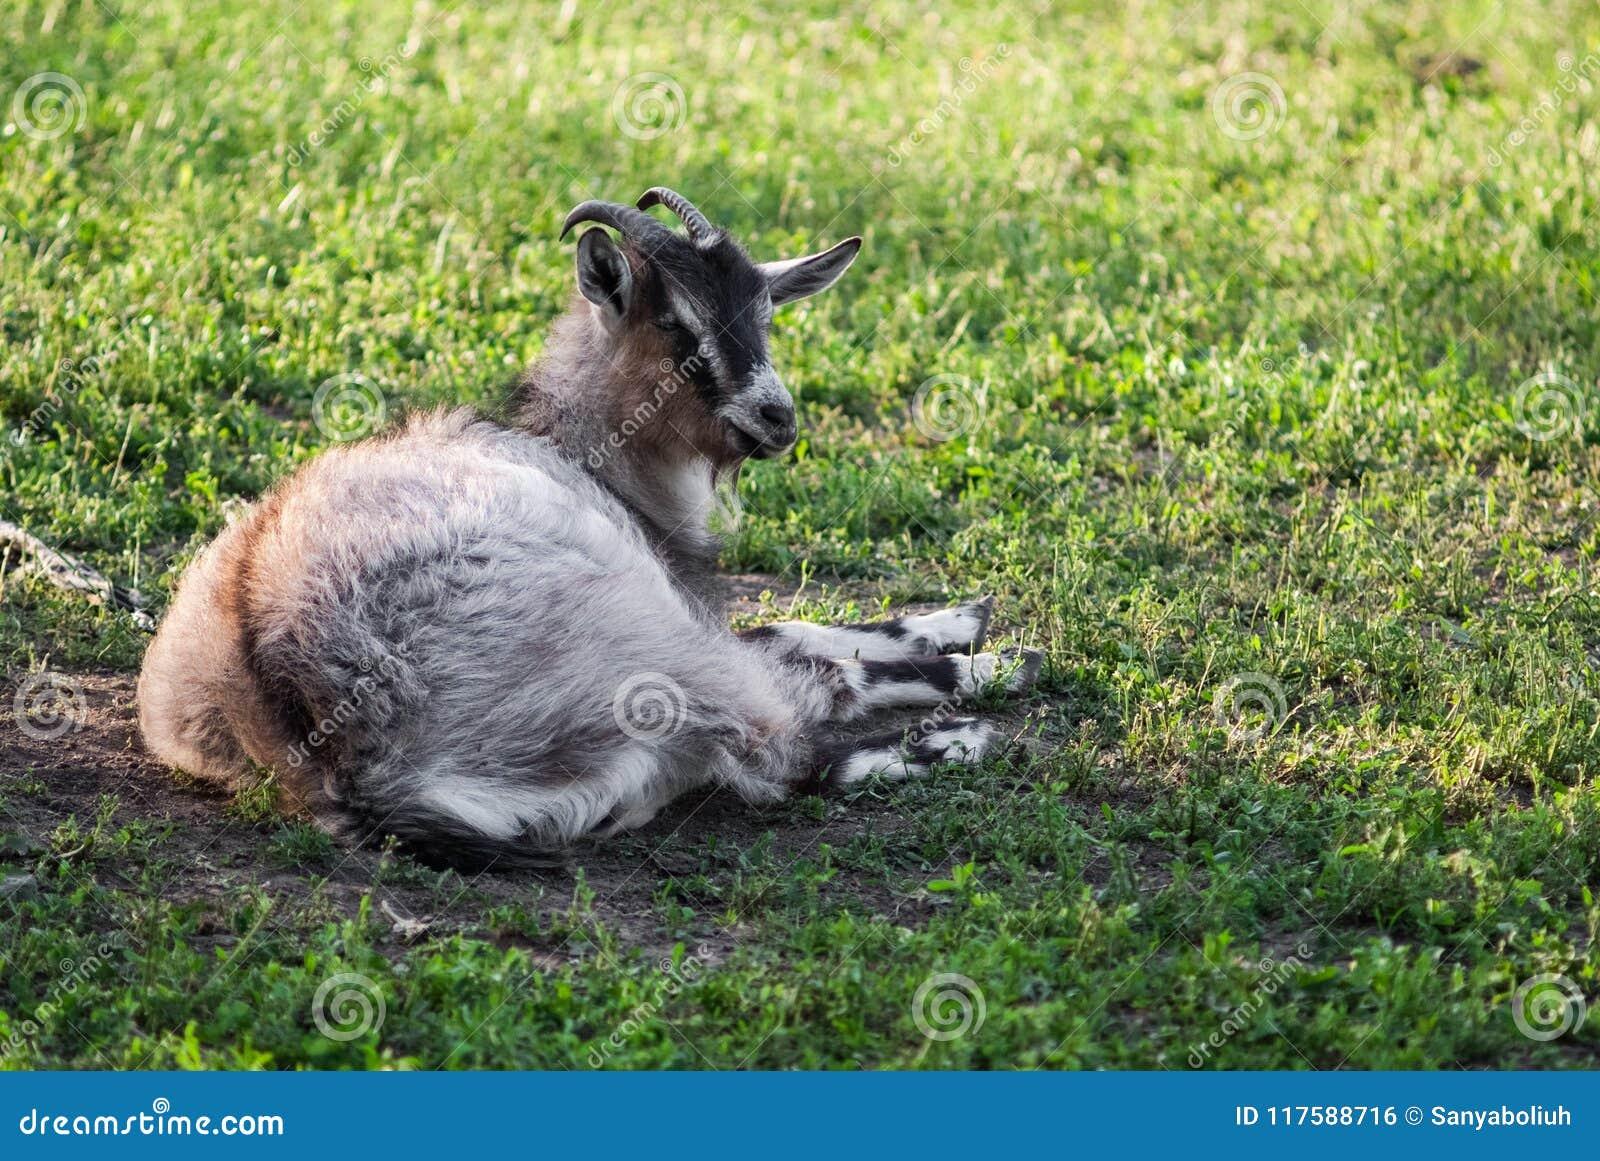 Любознательная счастливая коза пася на зеленой травянистой лужайке Портрет смешной козочки 7 животных серий иллюстрации фермы шар